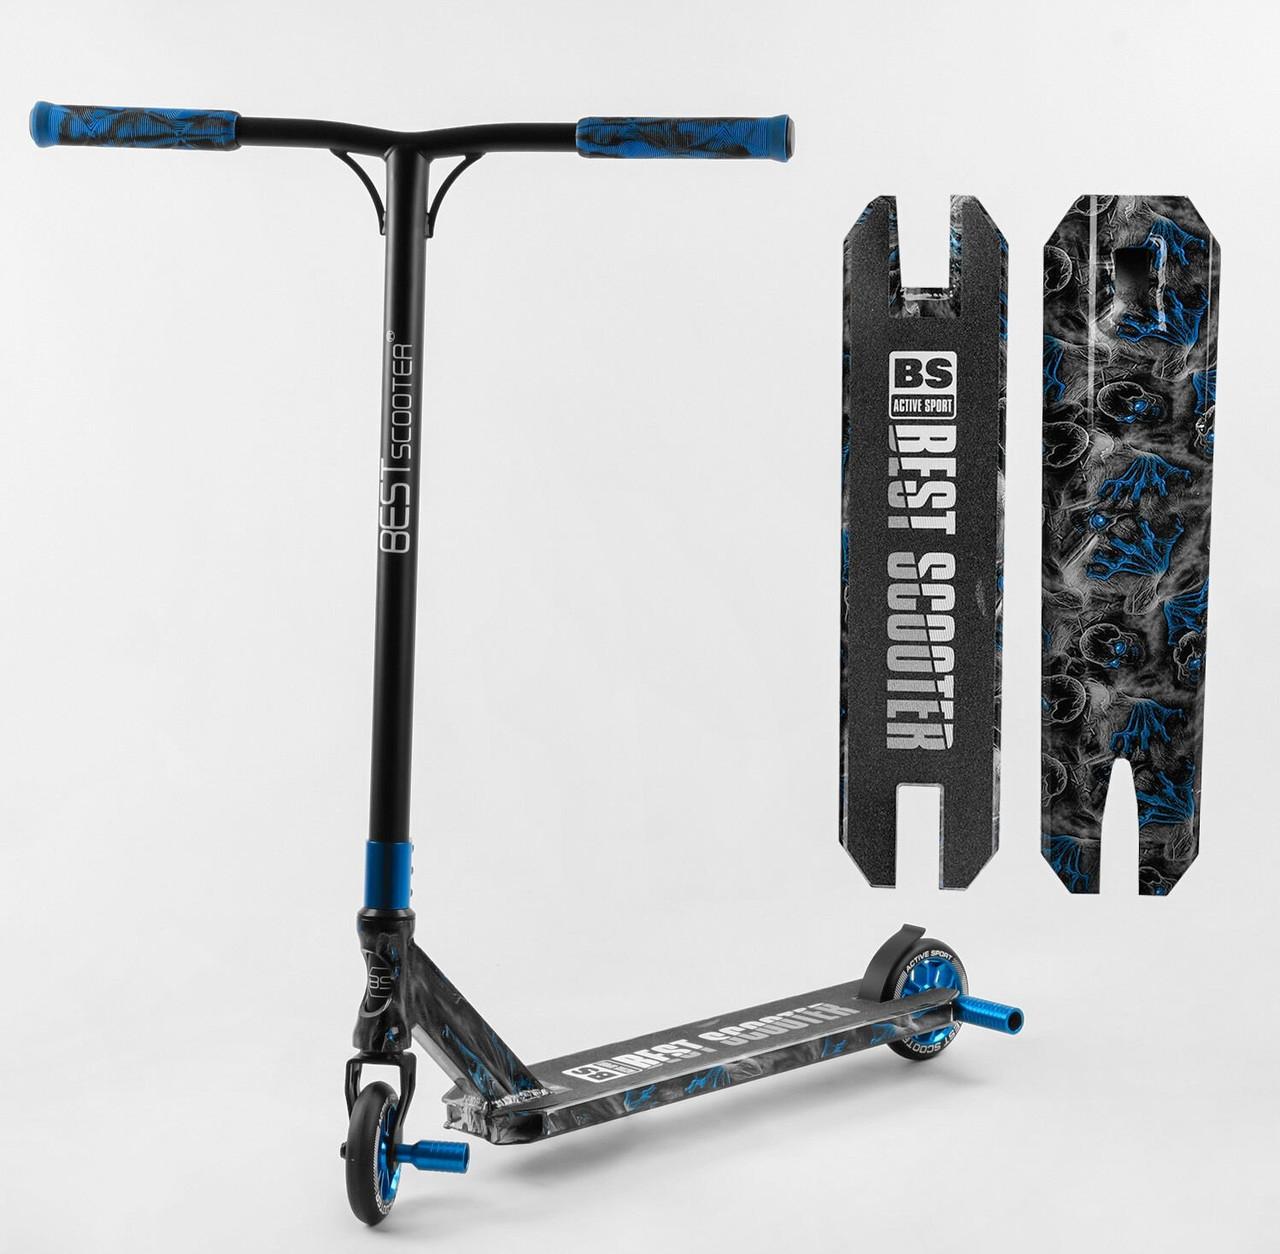 Трюковый самокат с алюминиевой рамой и колесами диаметром 110 мм Best Scooter BS-77566, синий